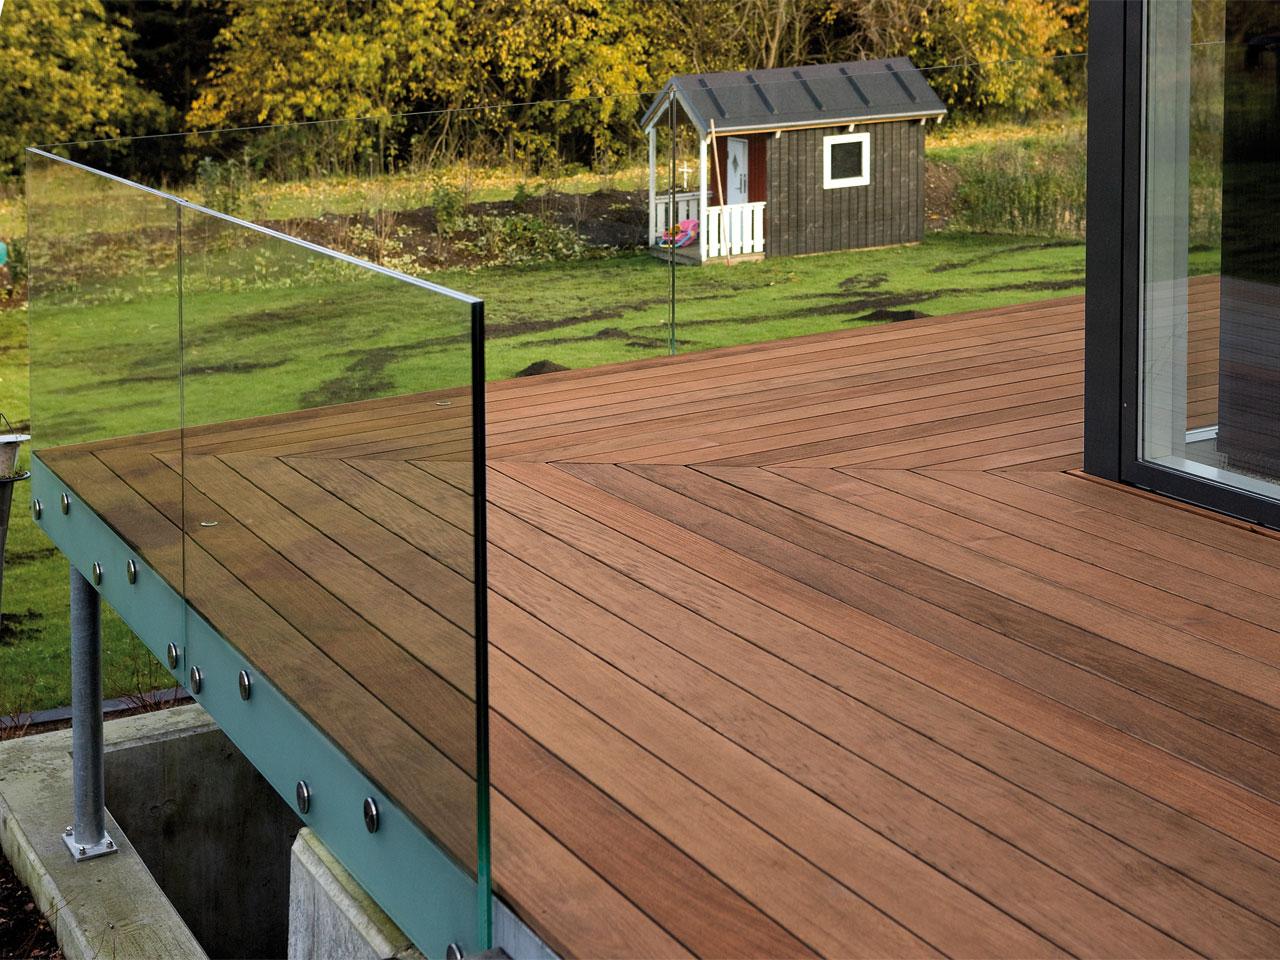 Terrasse En Bois Exotique lames de terrasse bois exotique - en bois massif et sans